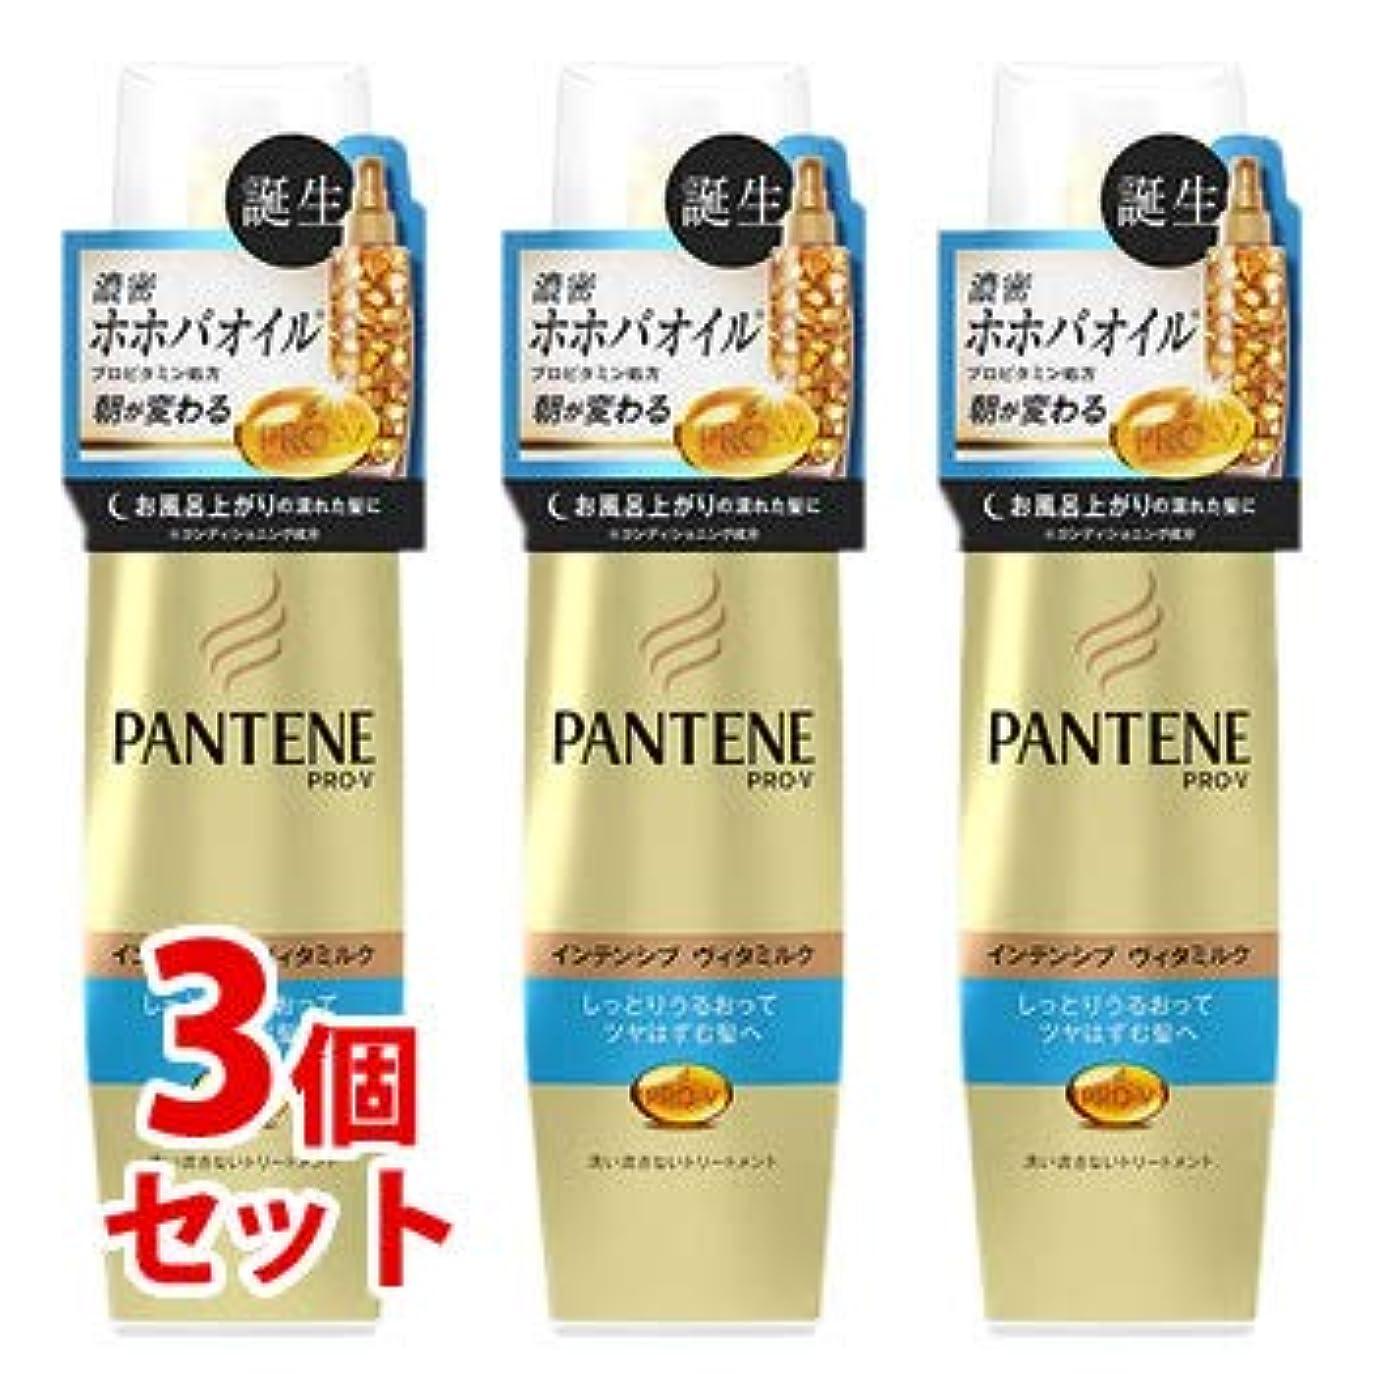 タール透けるサバント《セット販売》 P&G パンテーン モイストスムースケア インテンシブヴィタミルク パサついてまとまらない髪用 (100mL)×3個セット 洗い流さないトリートメント